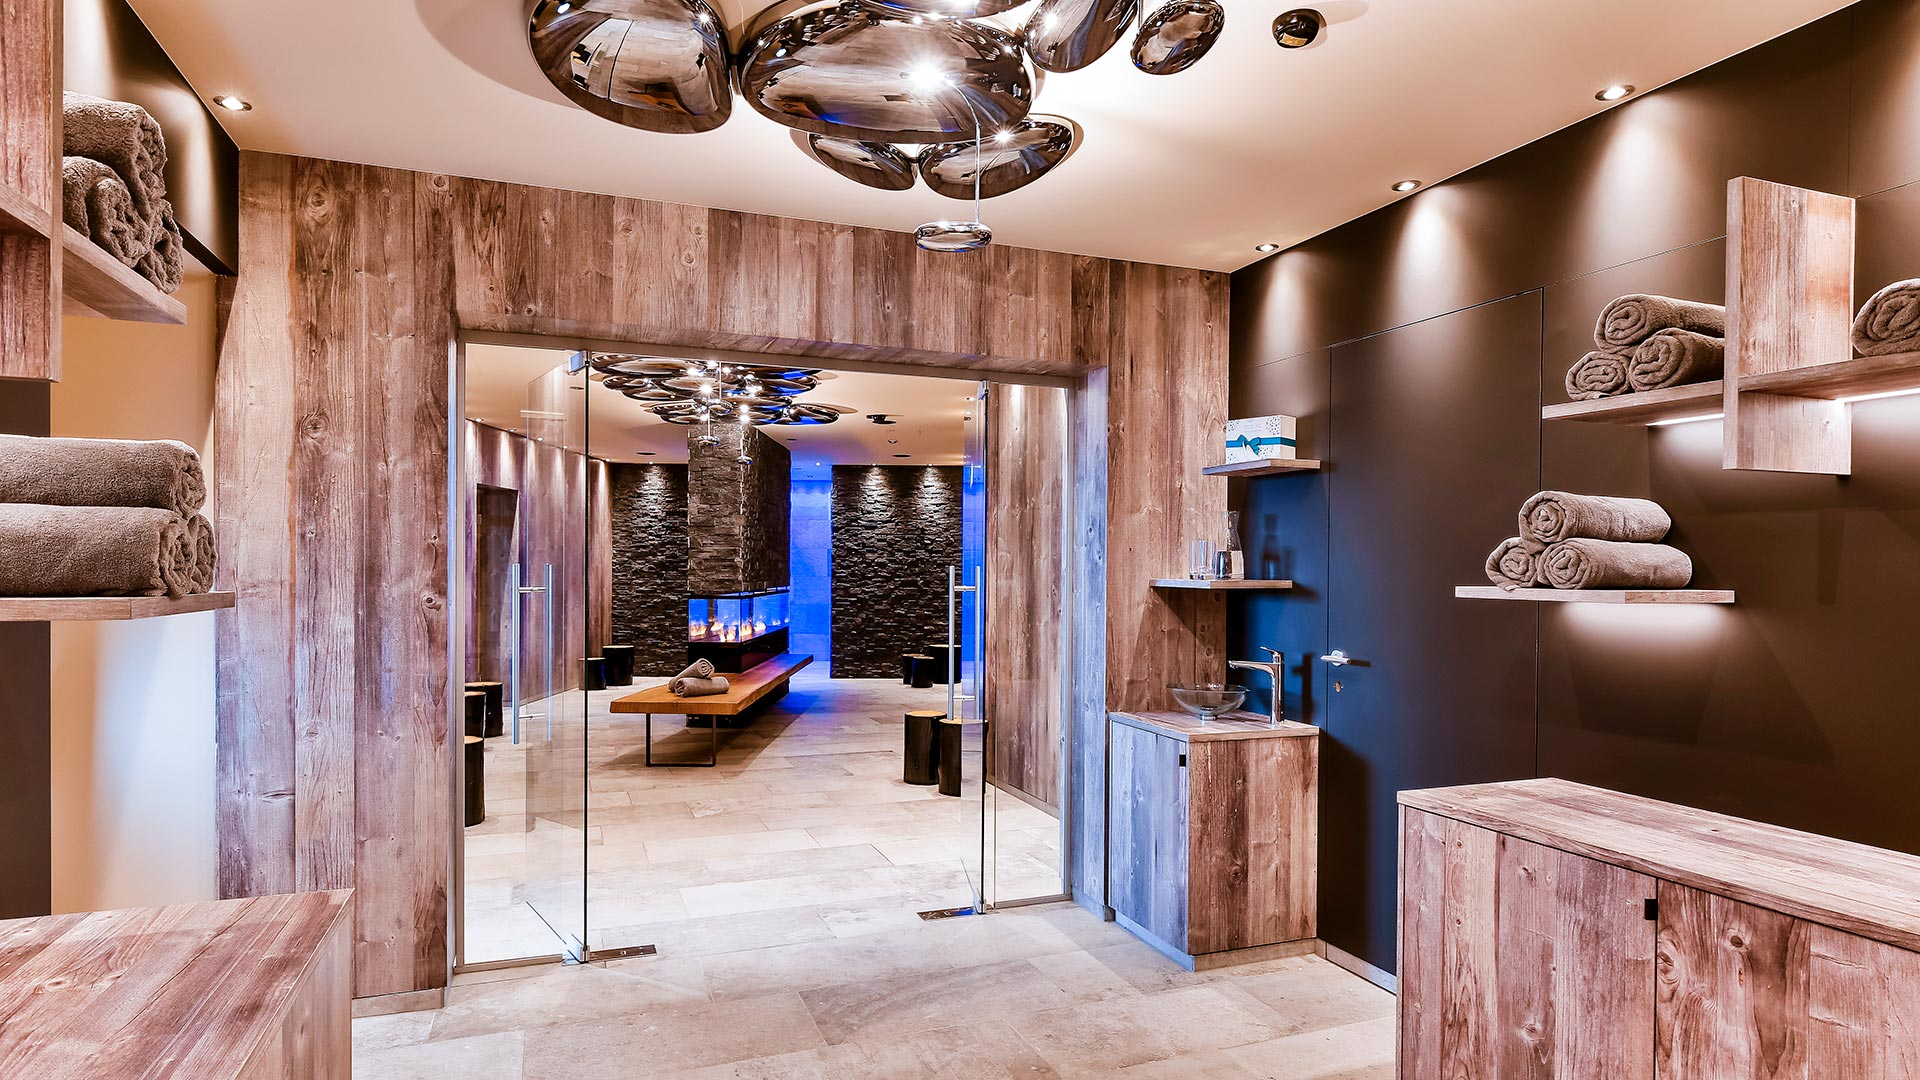 Schweizer Hof Wellnessbereich Im Altholz-Design